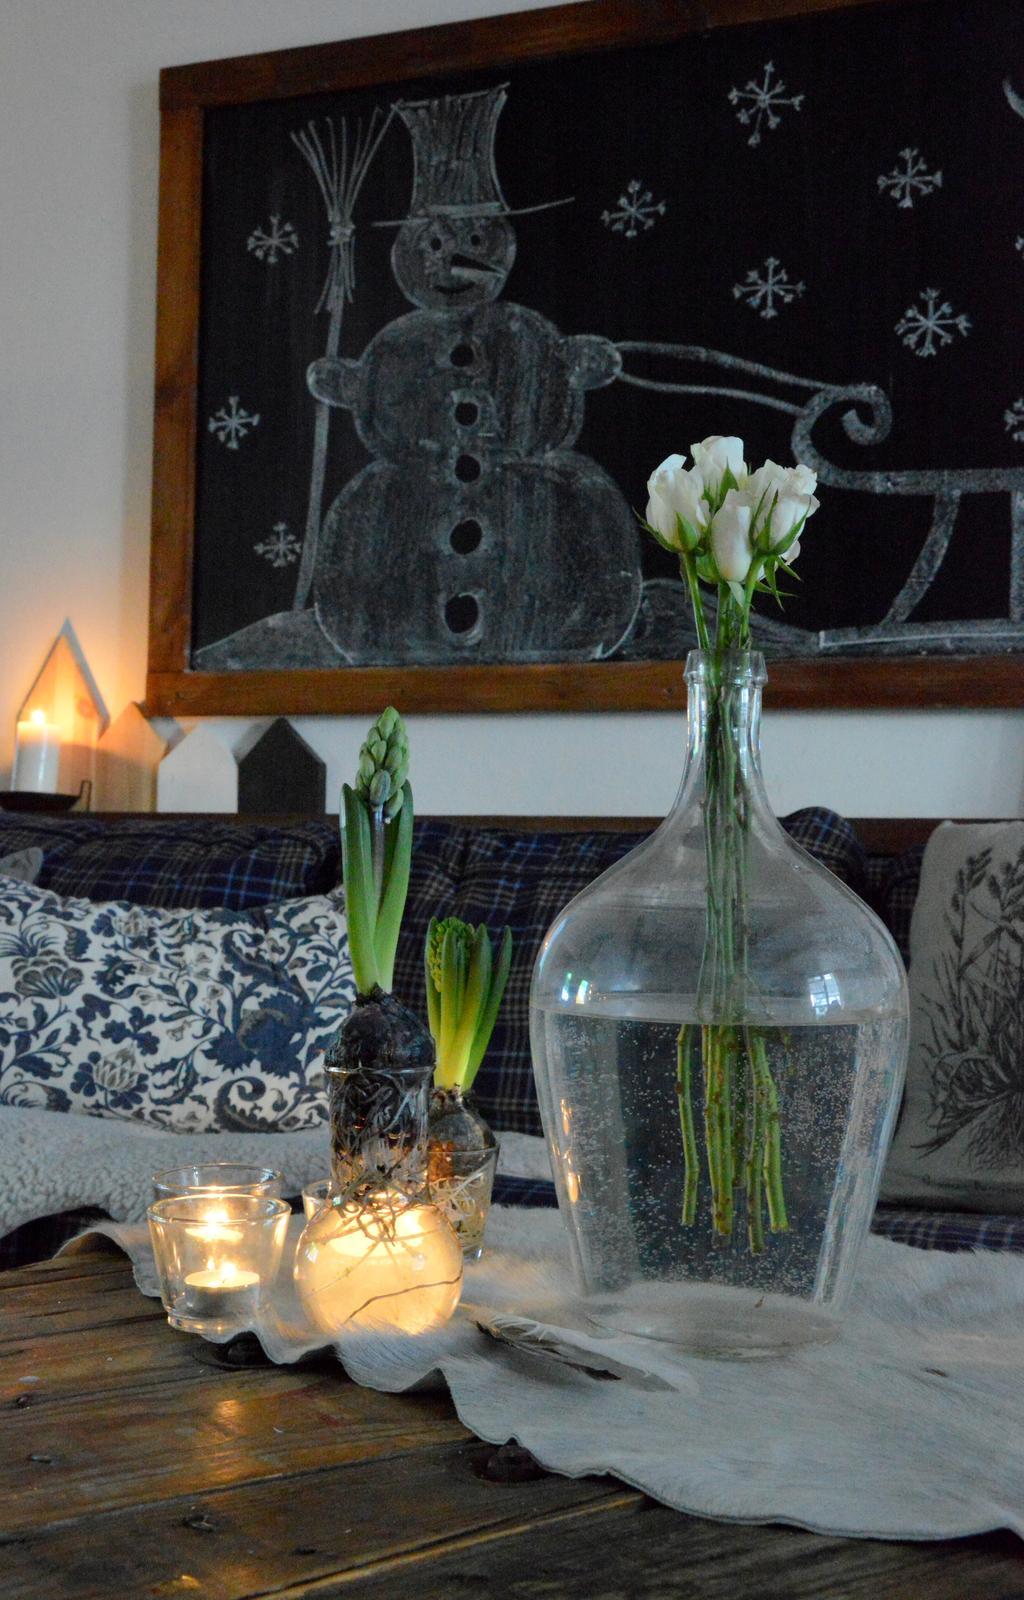 Home sweet home...... - ...a dnes už len jarno-zimne...ja by som radšej jarne ale zima práve teraz začína vystrkovať rožky :-D